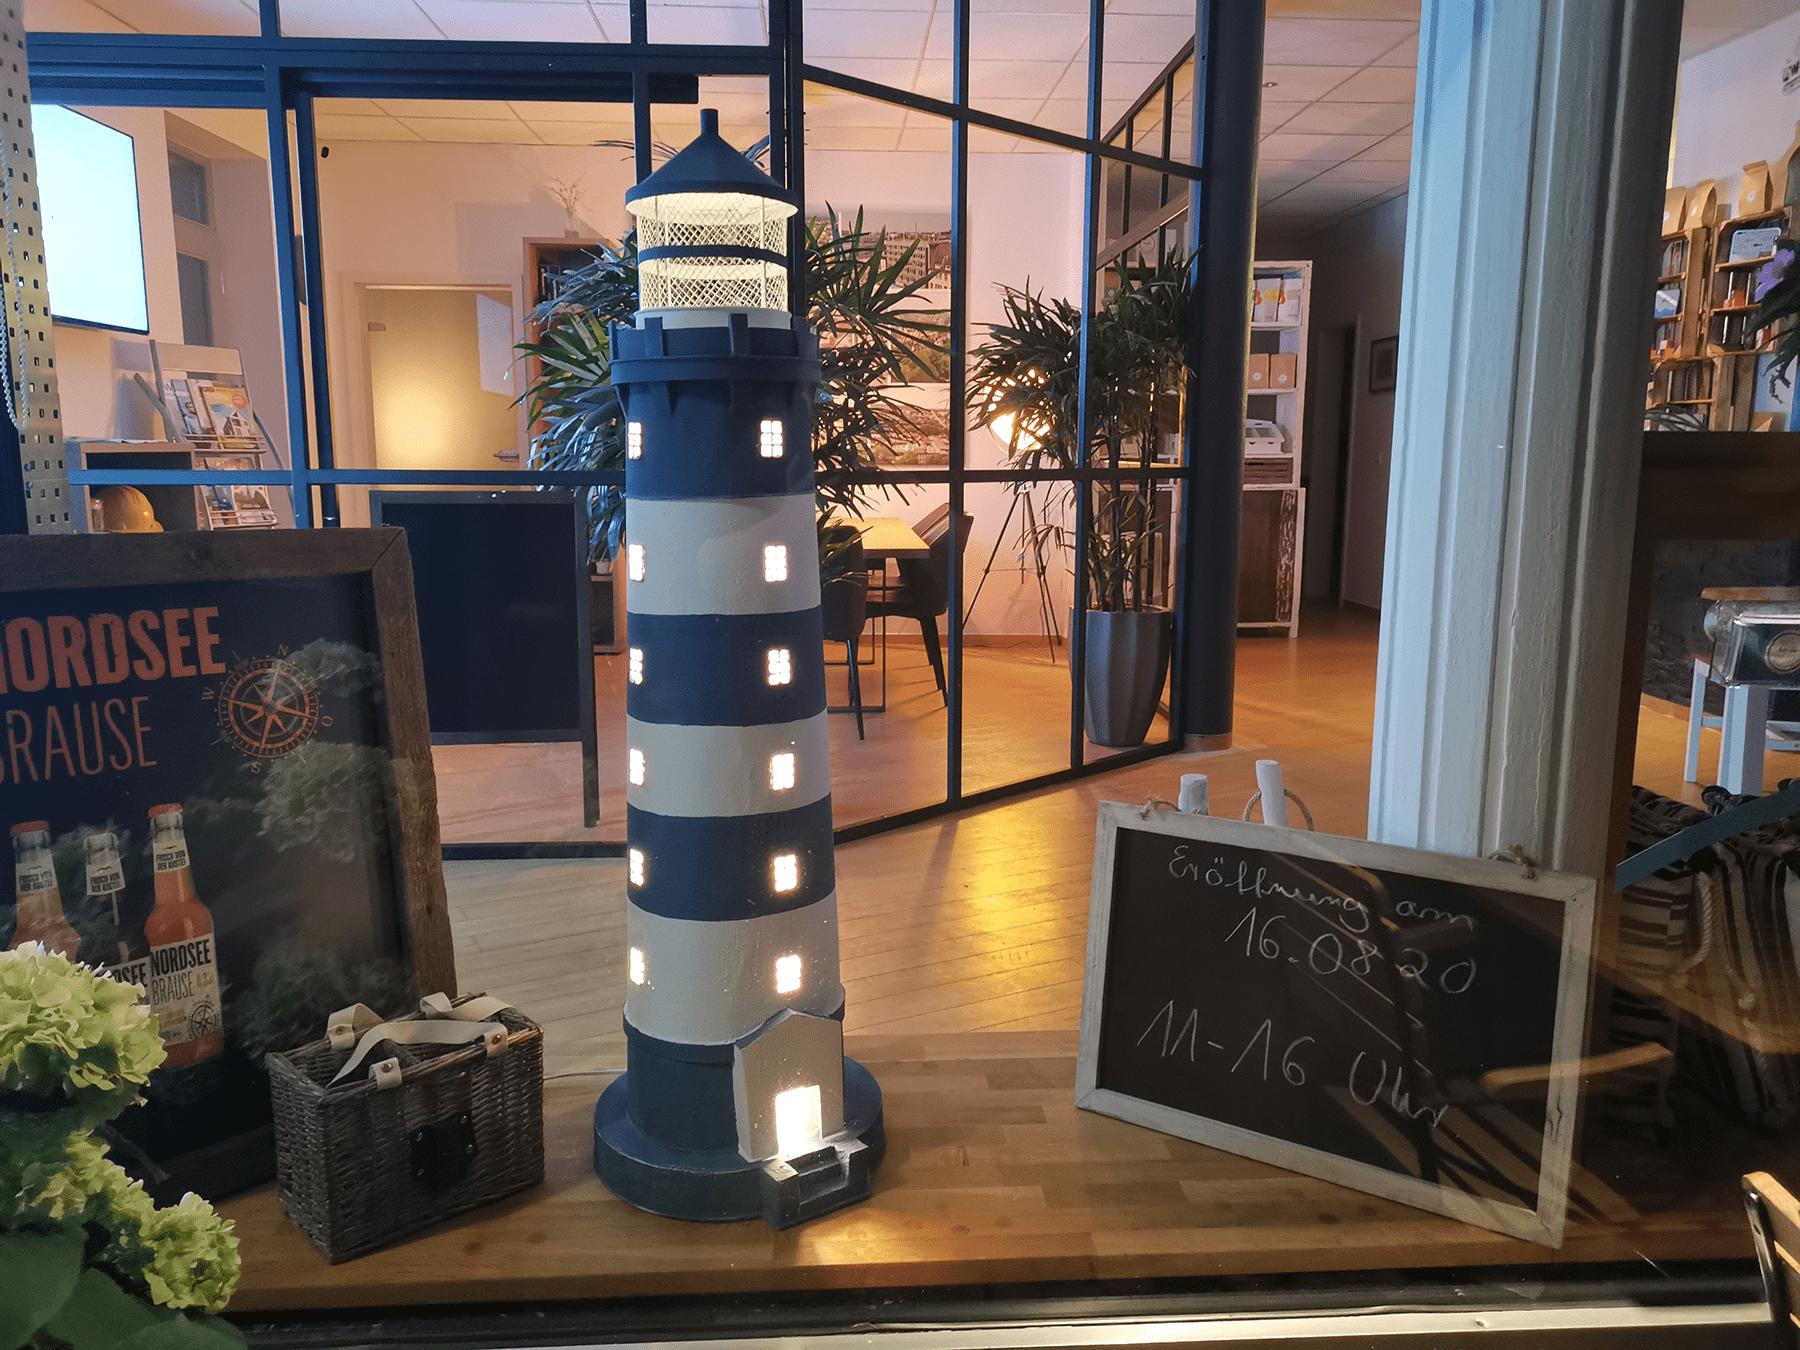 kaffee-kajuete_das-cafe_einstiegsbild-leuchtturm